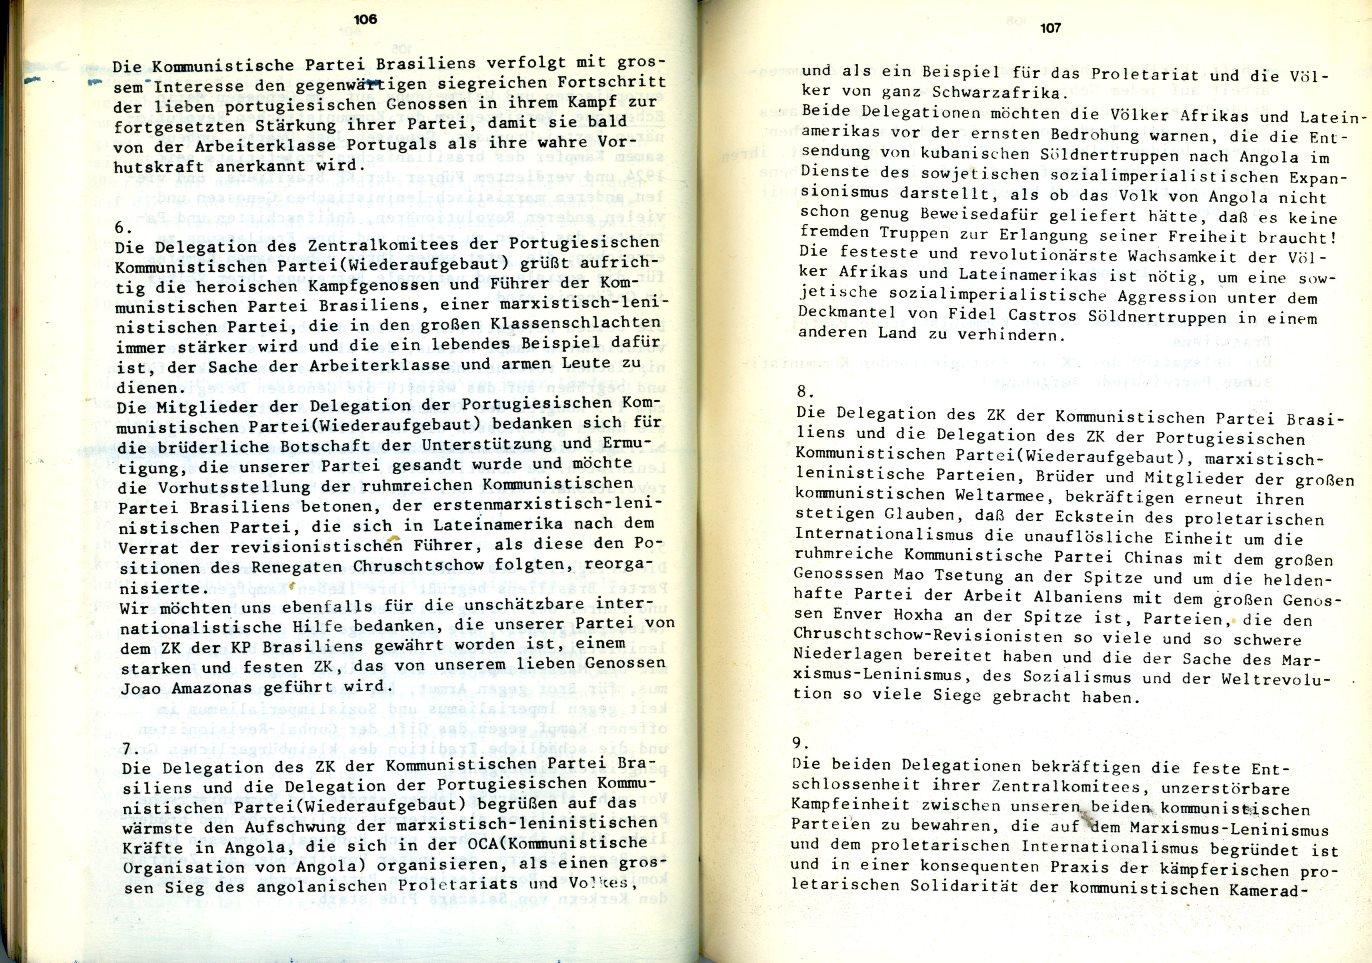 MLSK_Theorie_und_Praxis_des_ML_1978_20_62